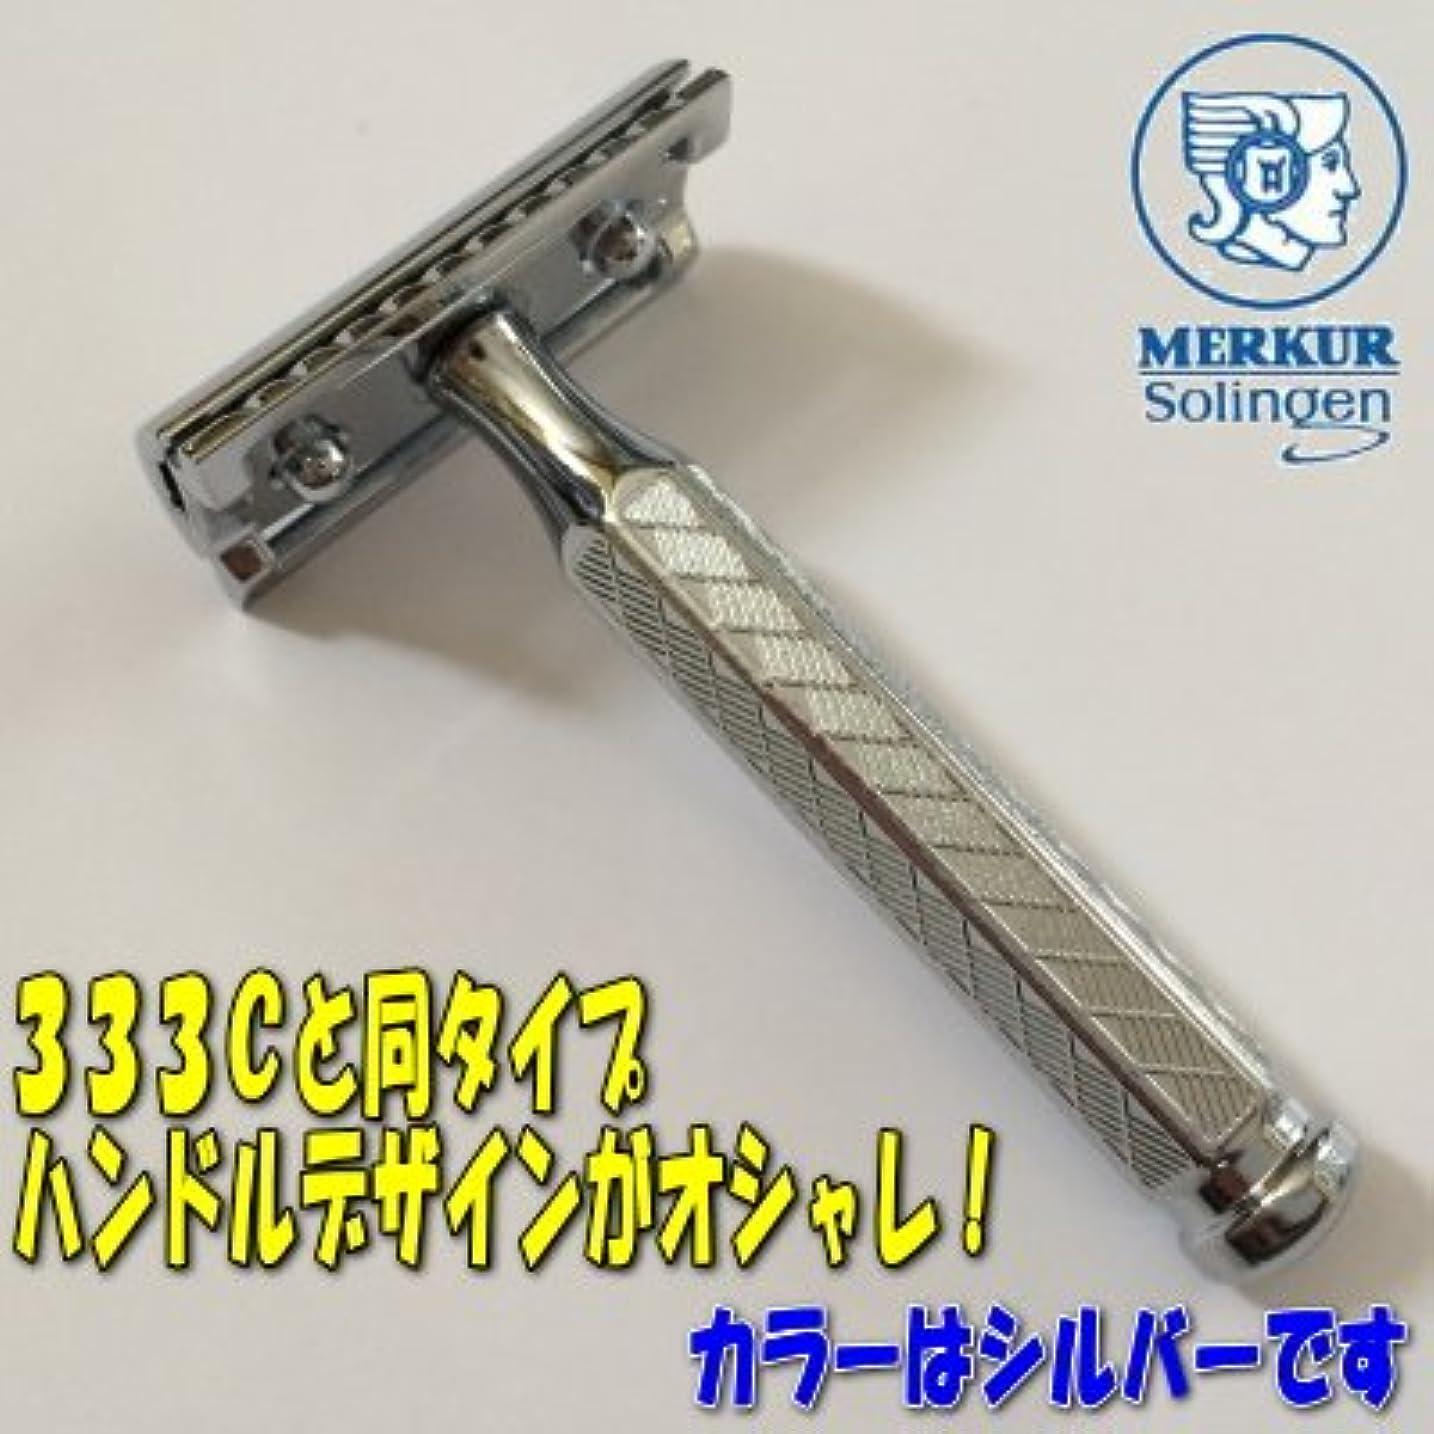 マーキー夜明け受賞メルクール髭剃り(ひげそり) 342